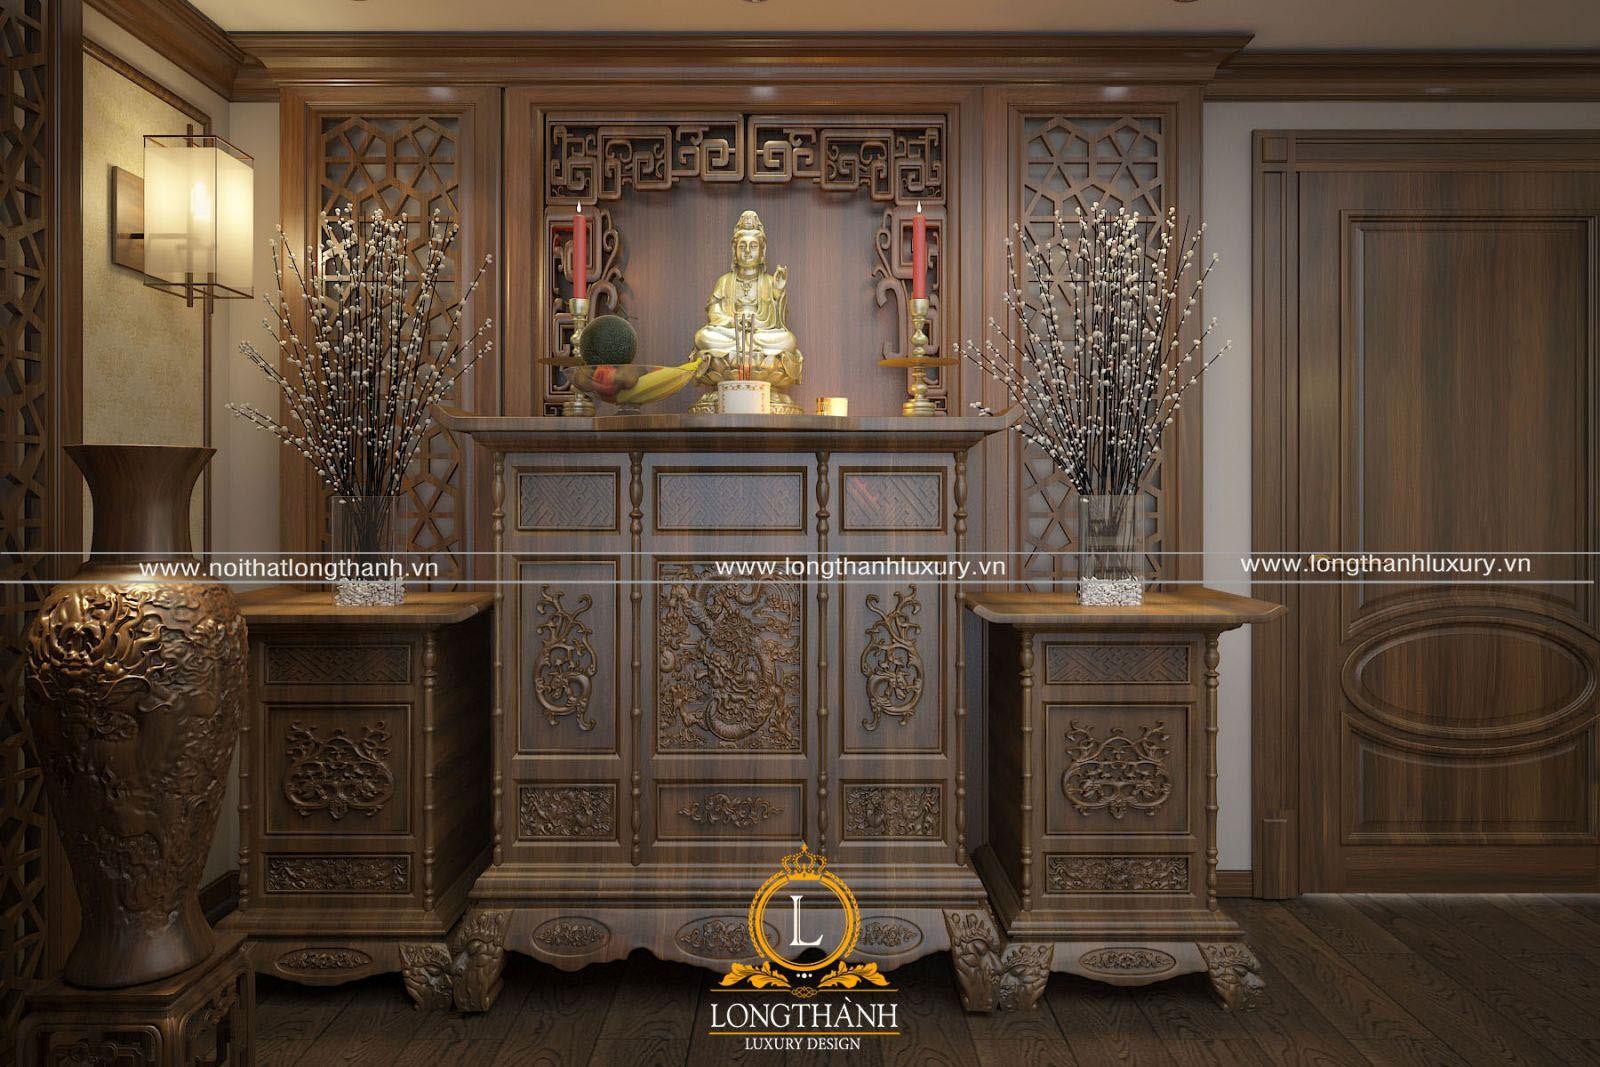 Mẫu thiết kế bàn thờ phật theo kiểu cổ điển truyền thống cho nhà rộng